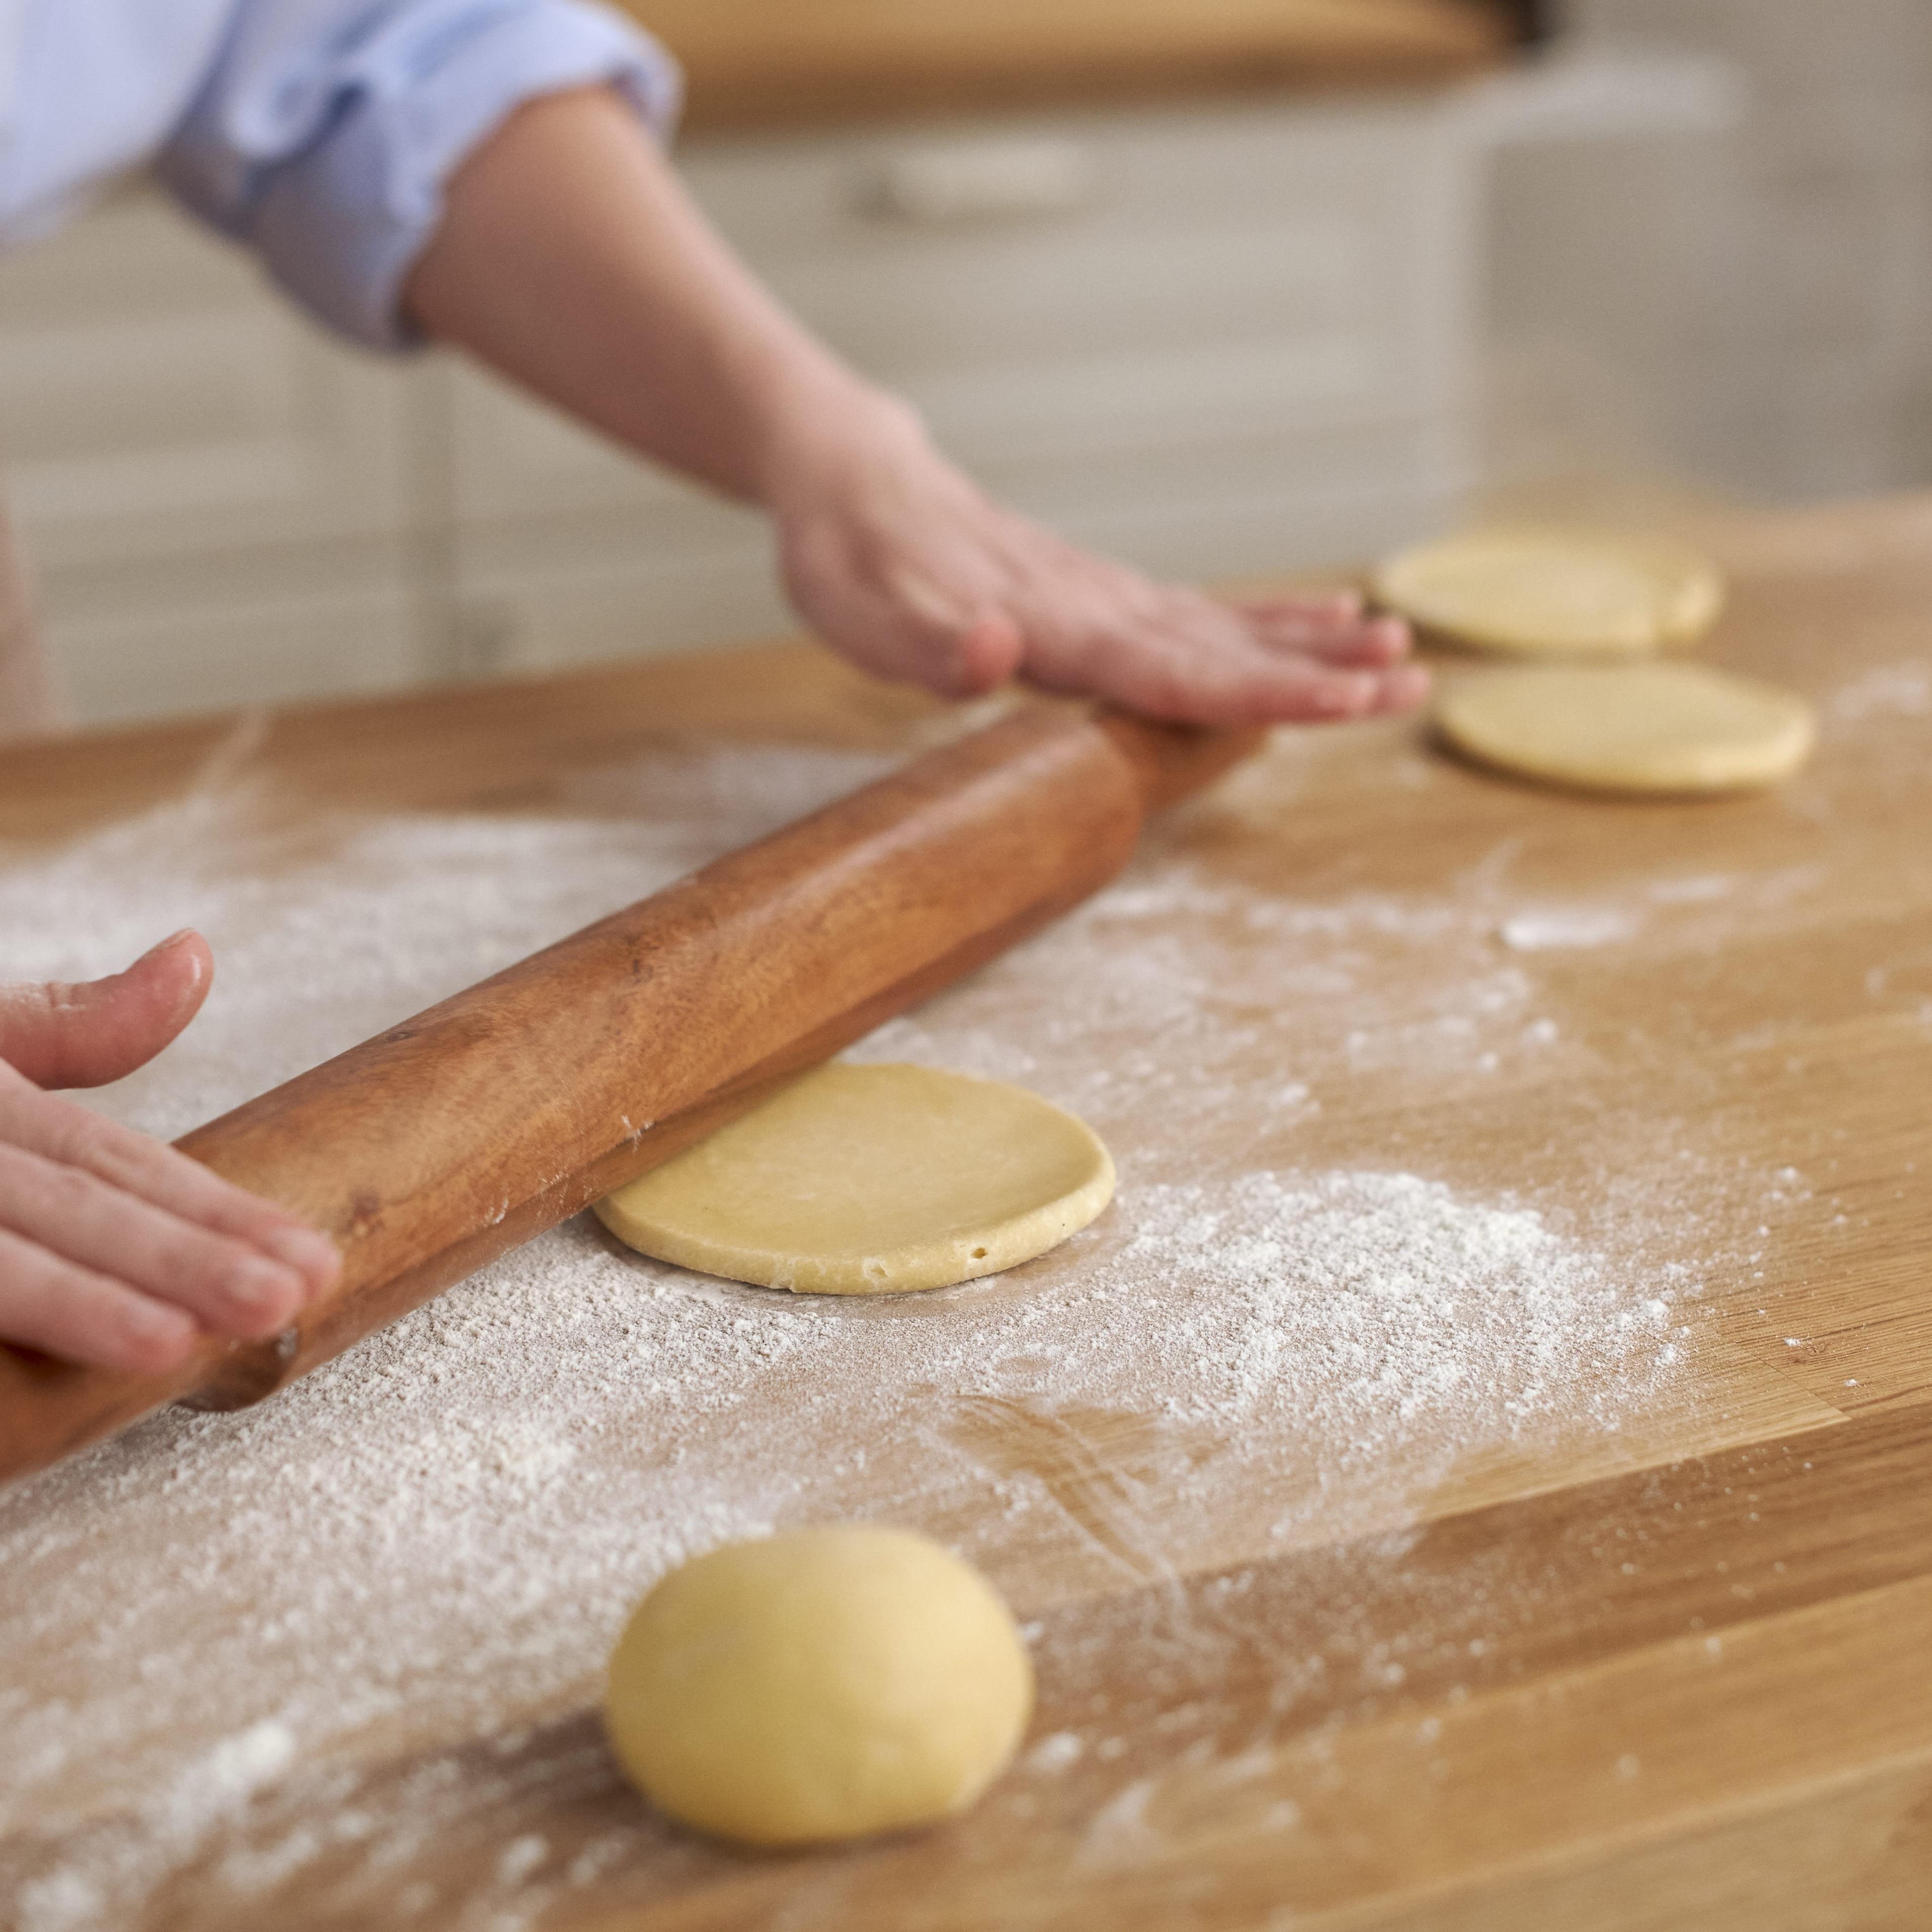 Дай шарикам полежать 5-10 минут, слегка расплющи их рукой или скалкой. Переложи на противень для брожения, накрой пищевой пленкой. Только когда тесто полежит и хорошо «расслабится», ты ле...